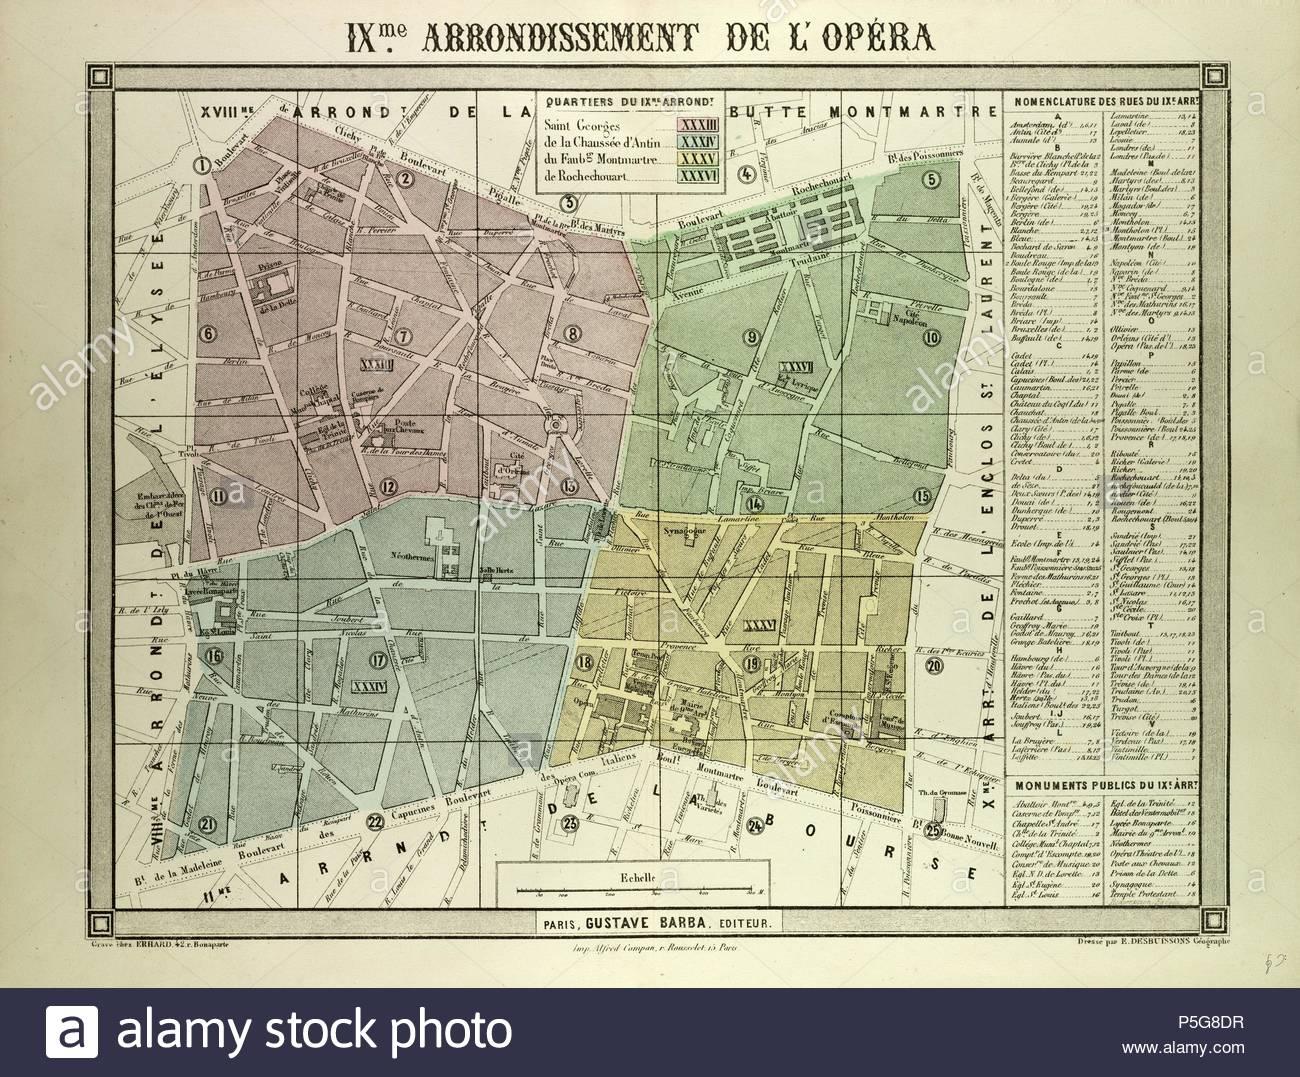 MAP OF THE 9TH ARRONDISSEMENT DE L'OPÉRA, PARIS, FRANCE. - Stock Image